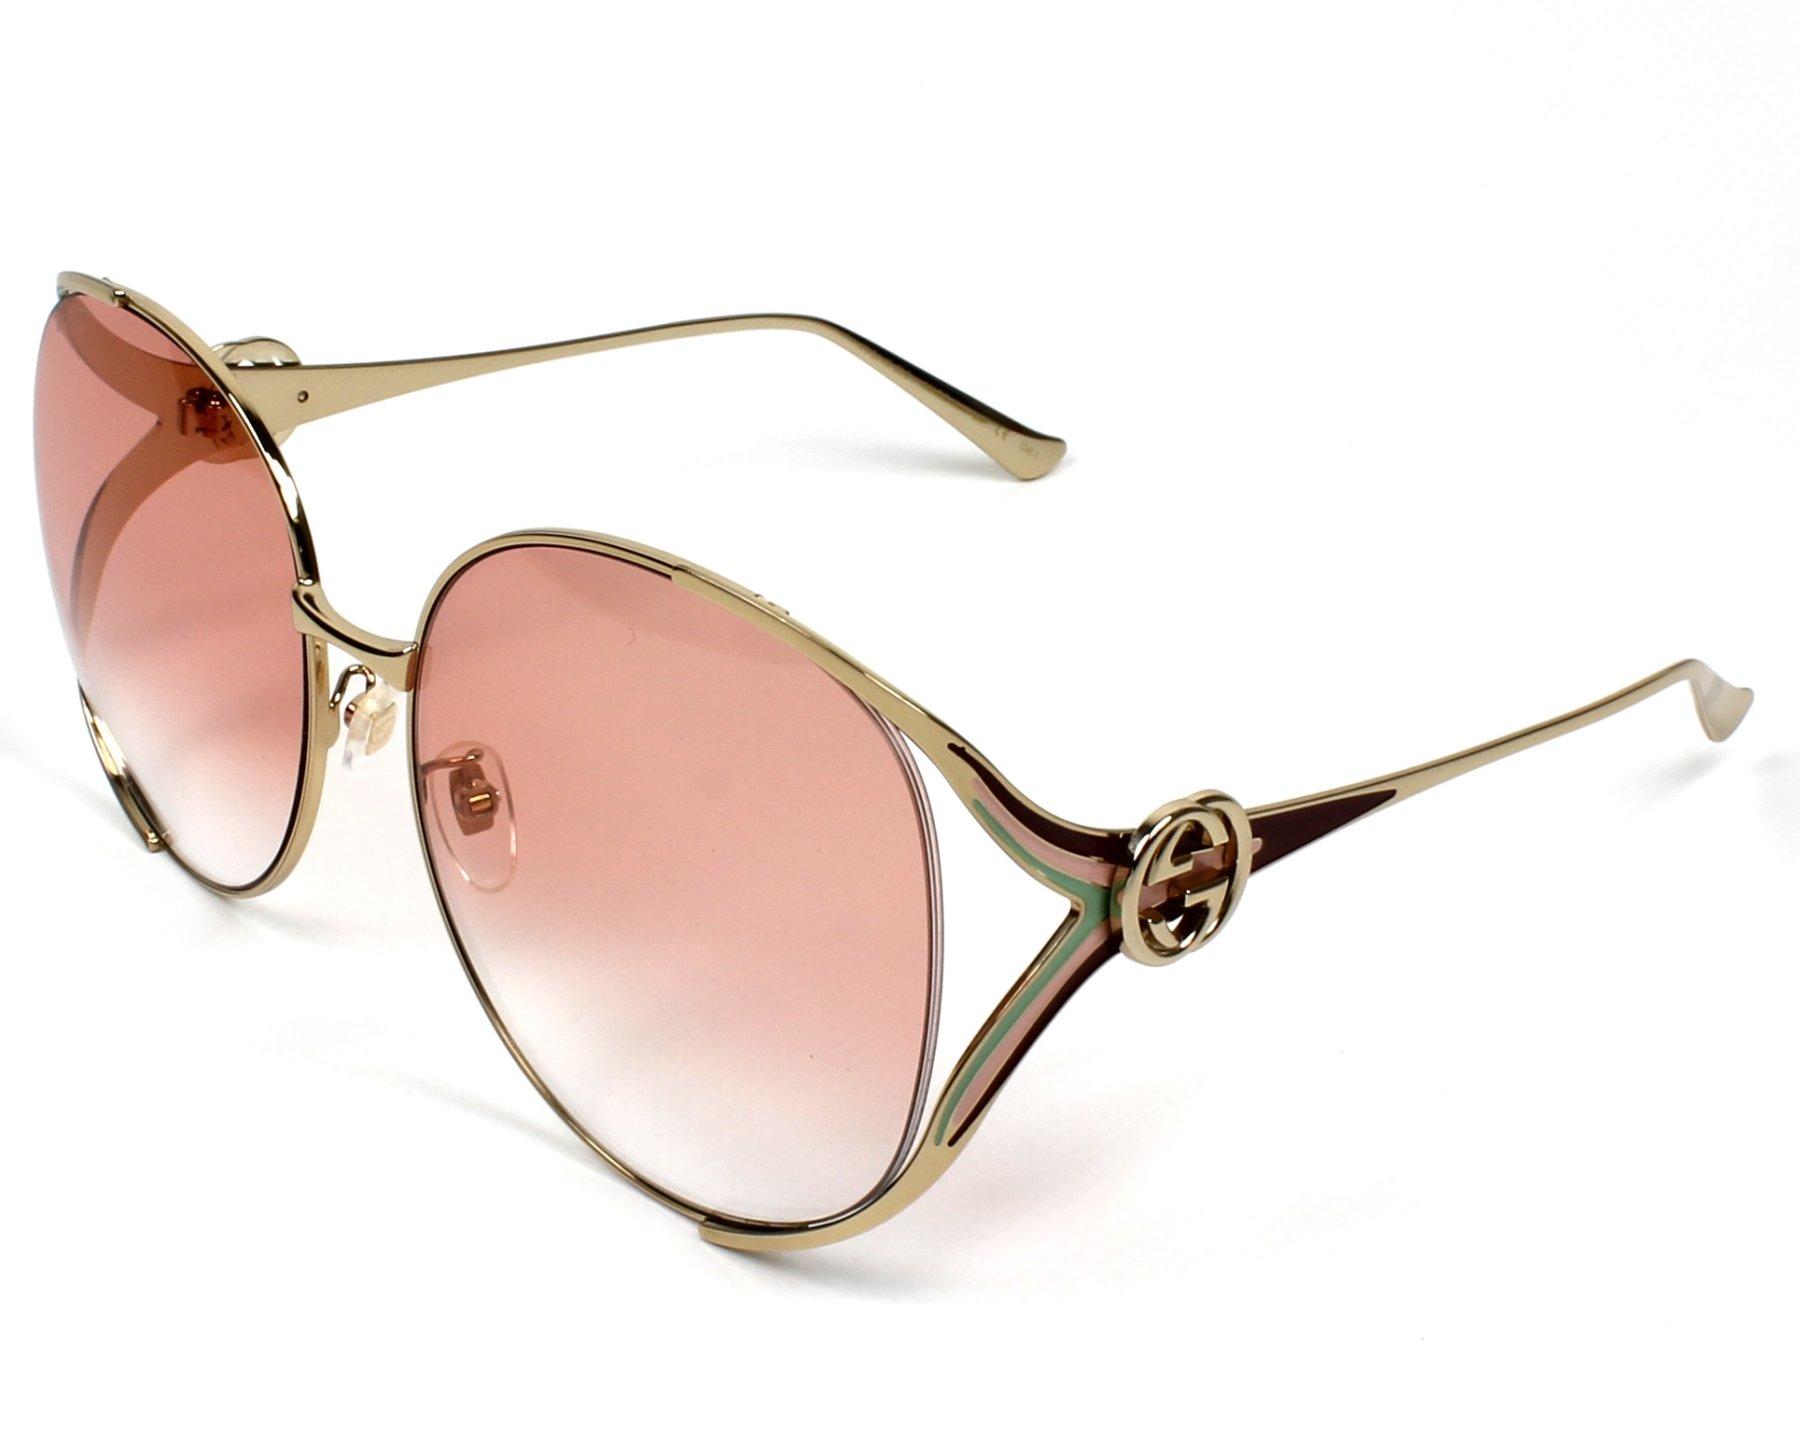 d746f34b95 Sunglasses Gucci GG-0225-S 005 - Gold Bordeaux profile view